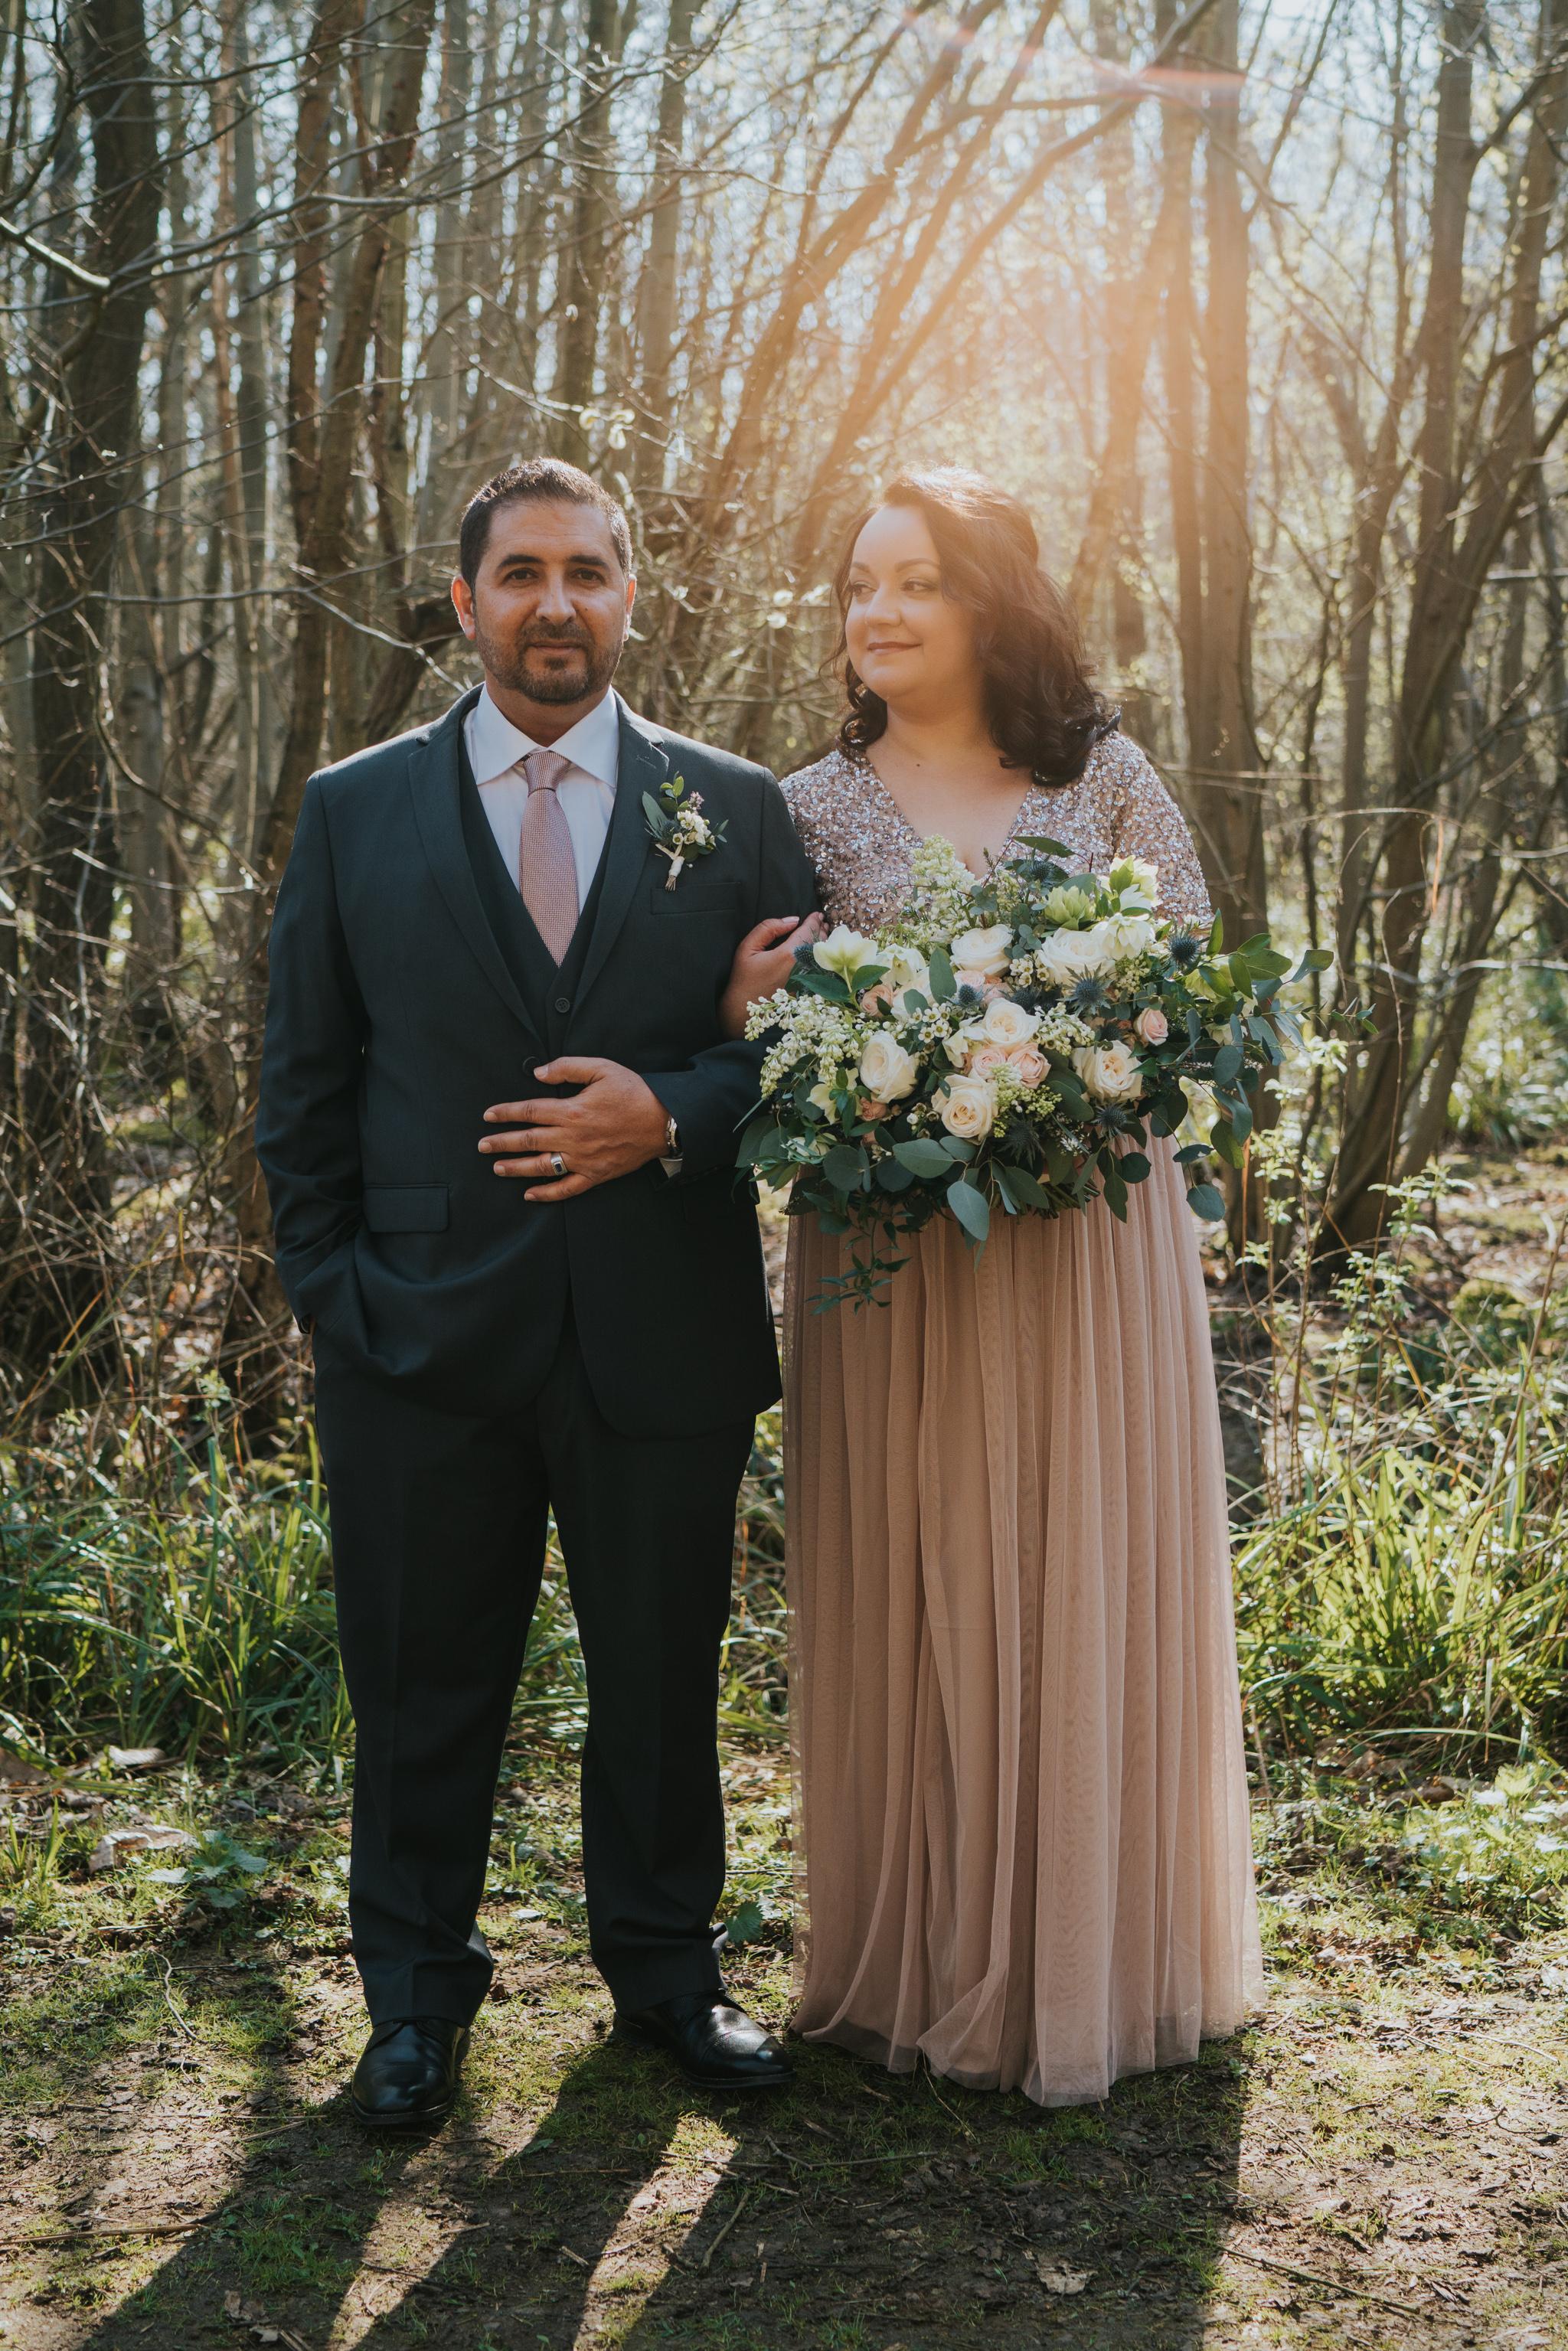 yuliya-yafith-colchester-essex-woodland-elopement-alternative-wedding-photographer-grace-elizabeth-essex-suffolk-norfolk-devon (8 of 40).jpg